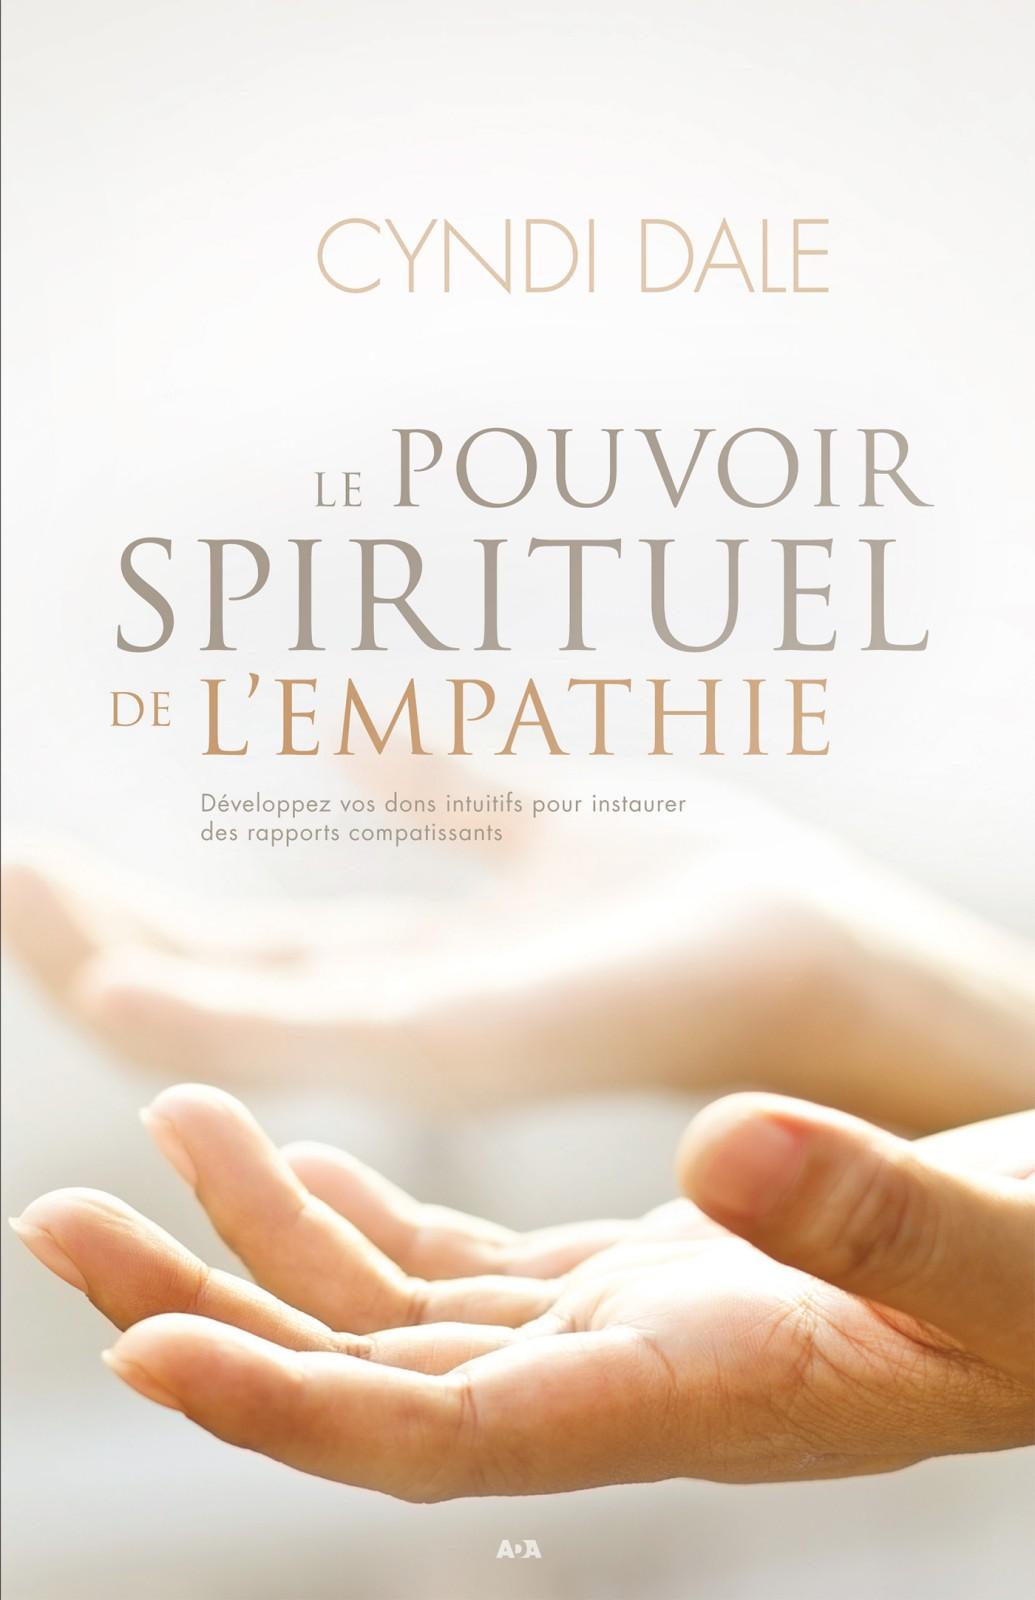 Le pouvoir spirituel de l'empathie